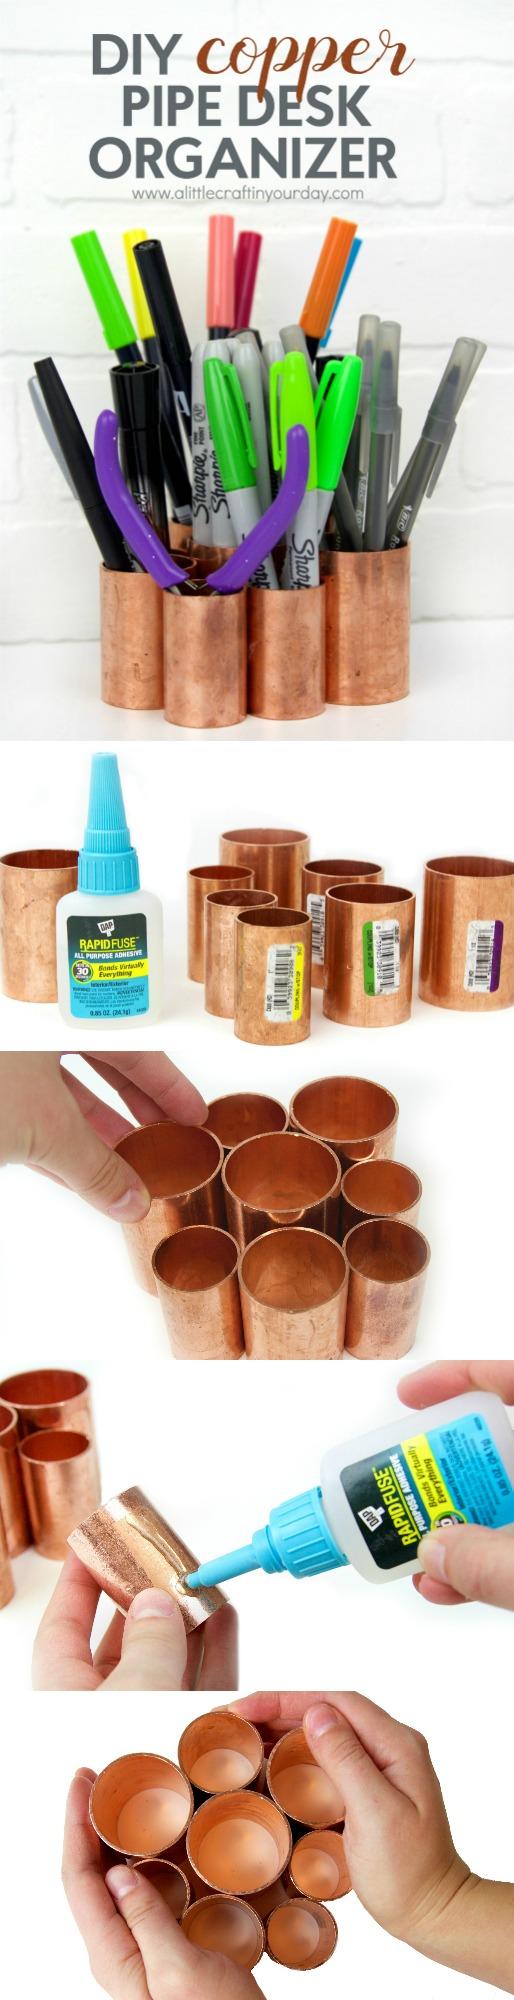 diy_copper_pipe_desk_organizer_1